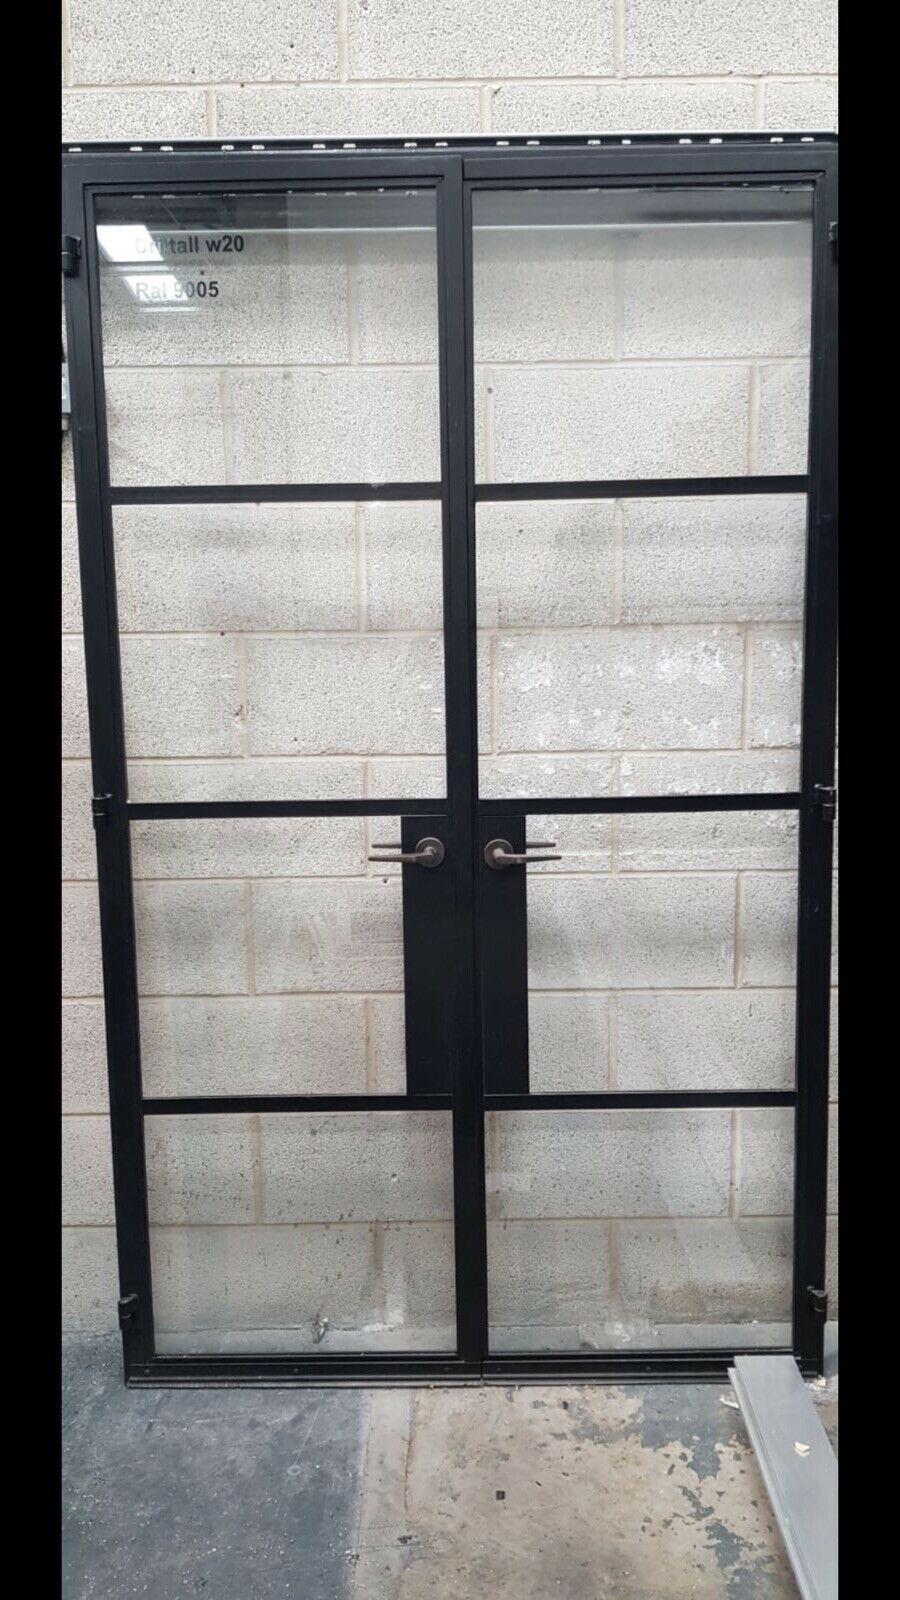 Crittall Doors Ebay Crittall Crittal Doors Sliding Wardrobe Doors